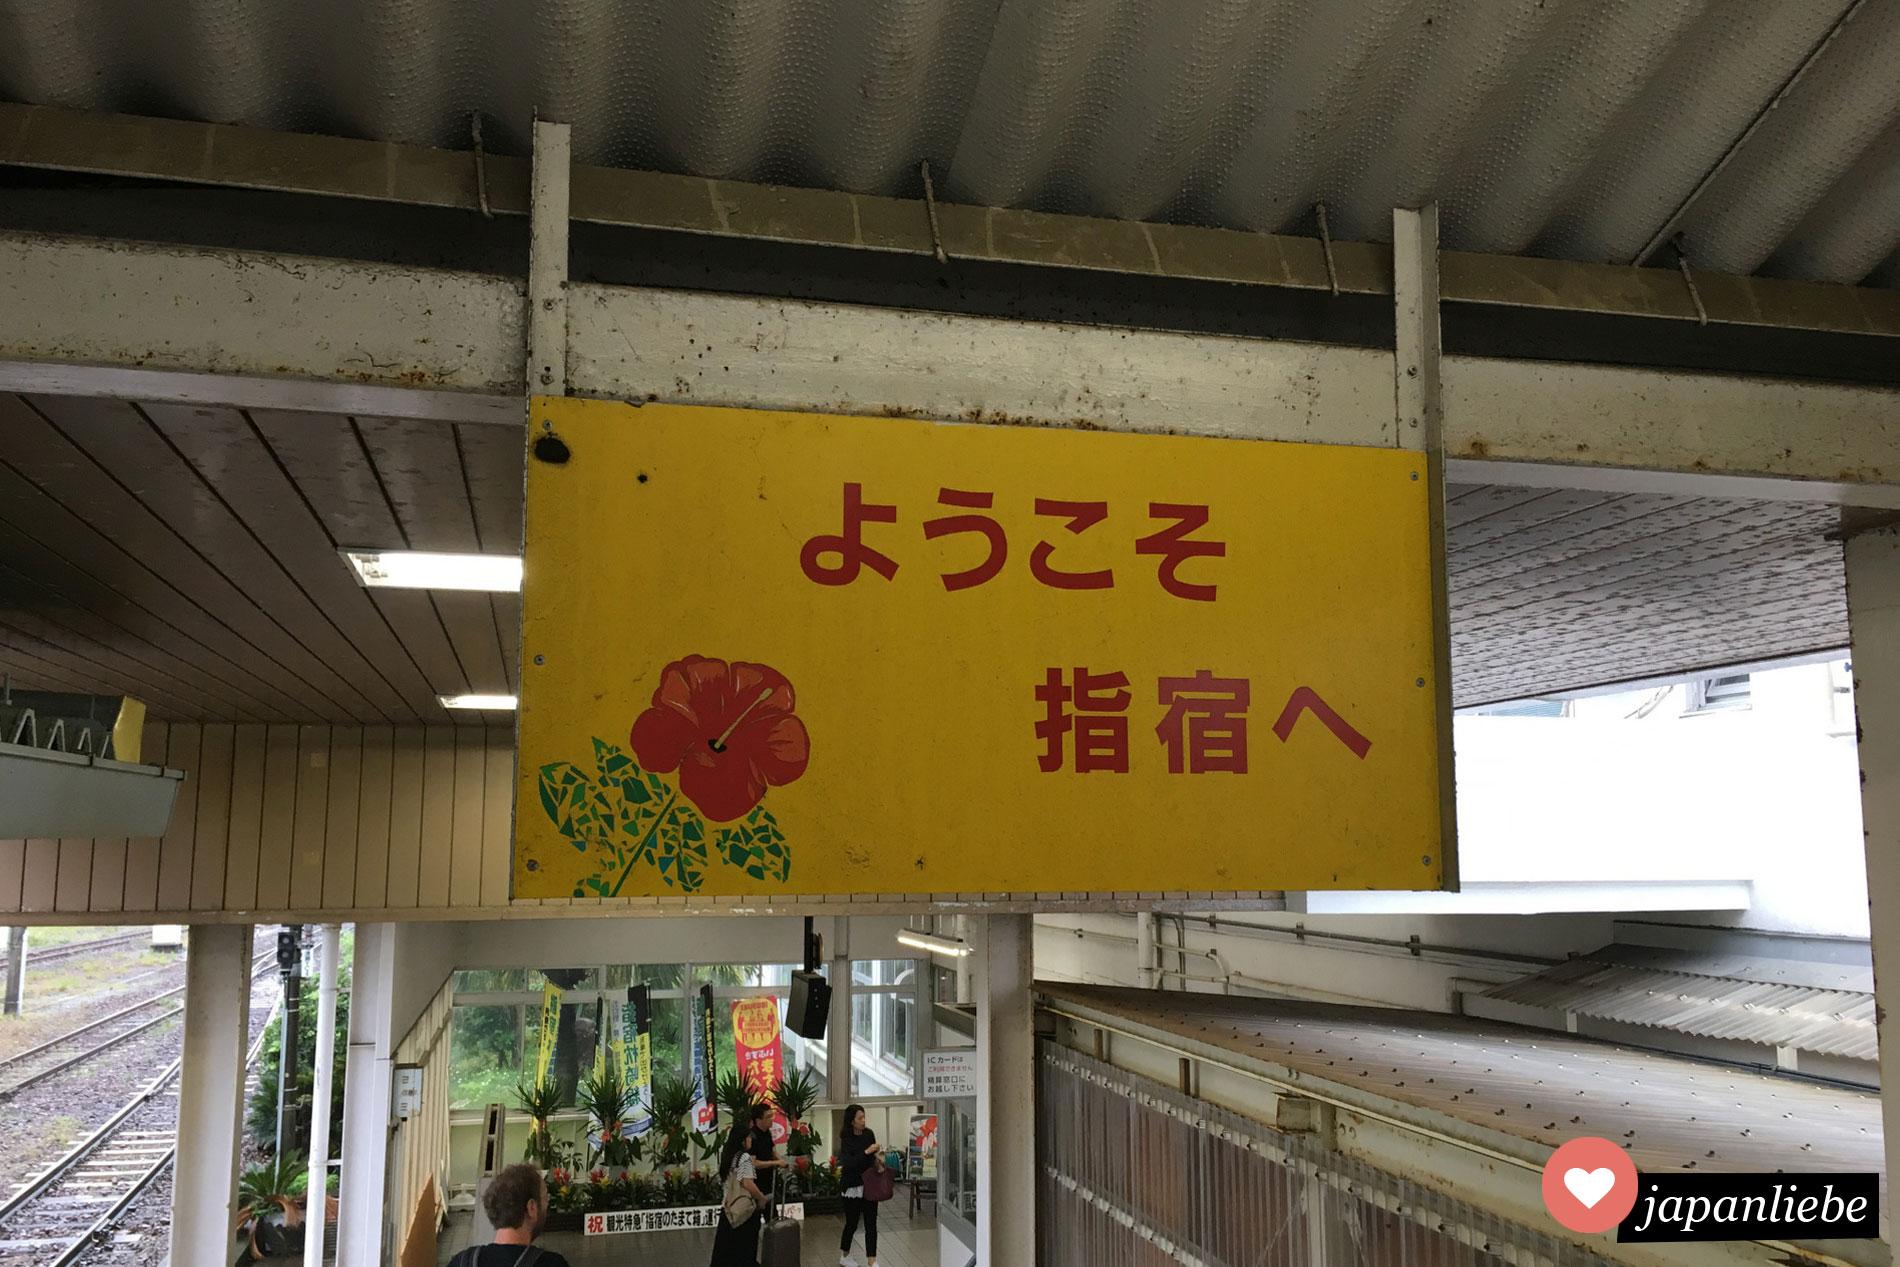 Ein Schild heißt einen am Bahnhof Ibusuki willkommen.